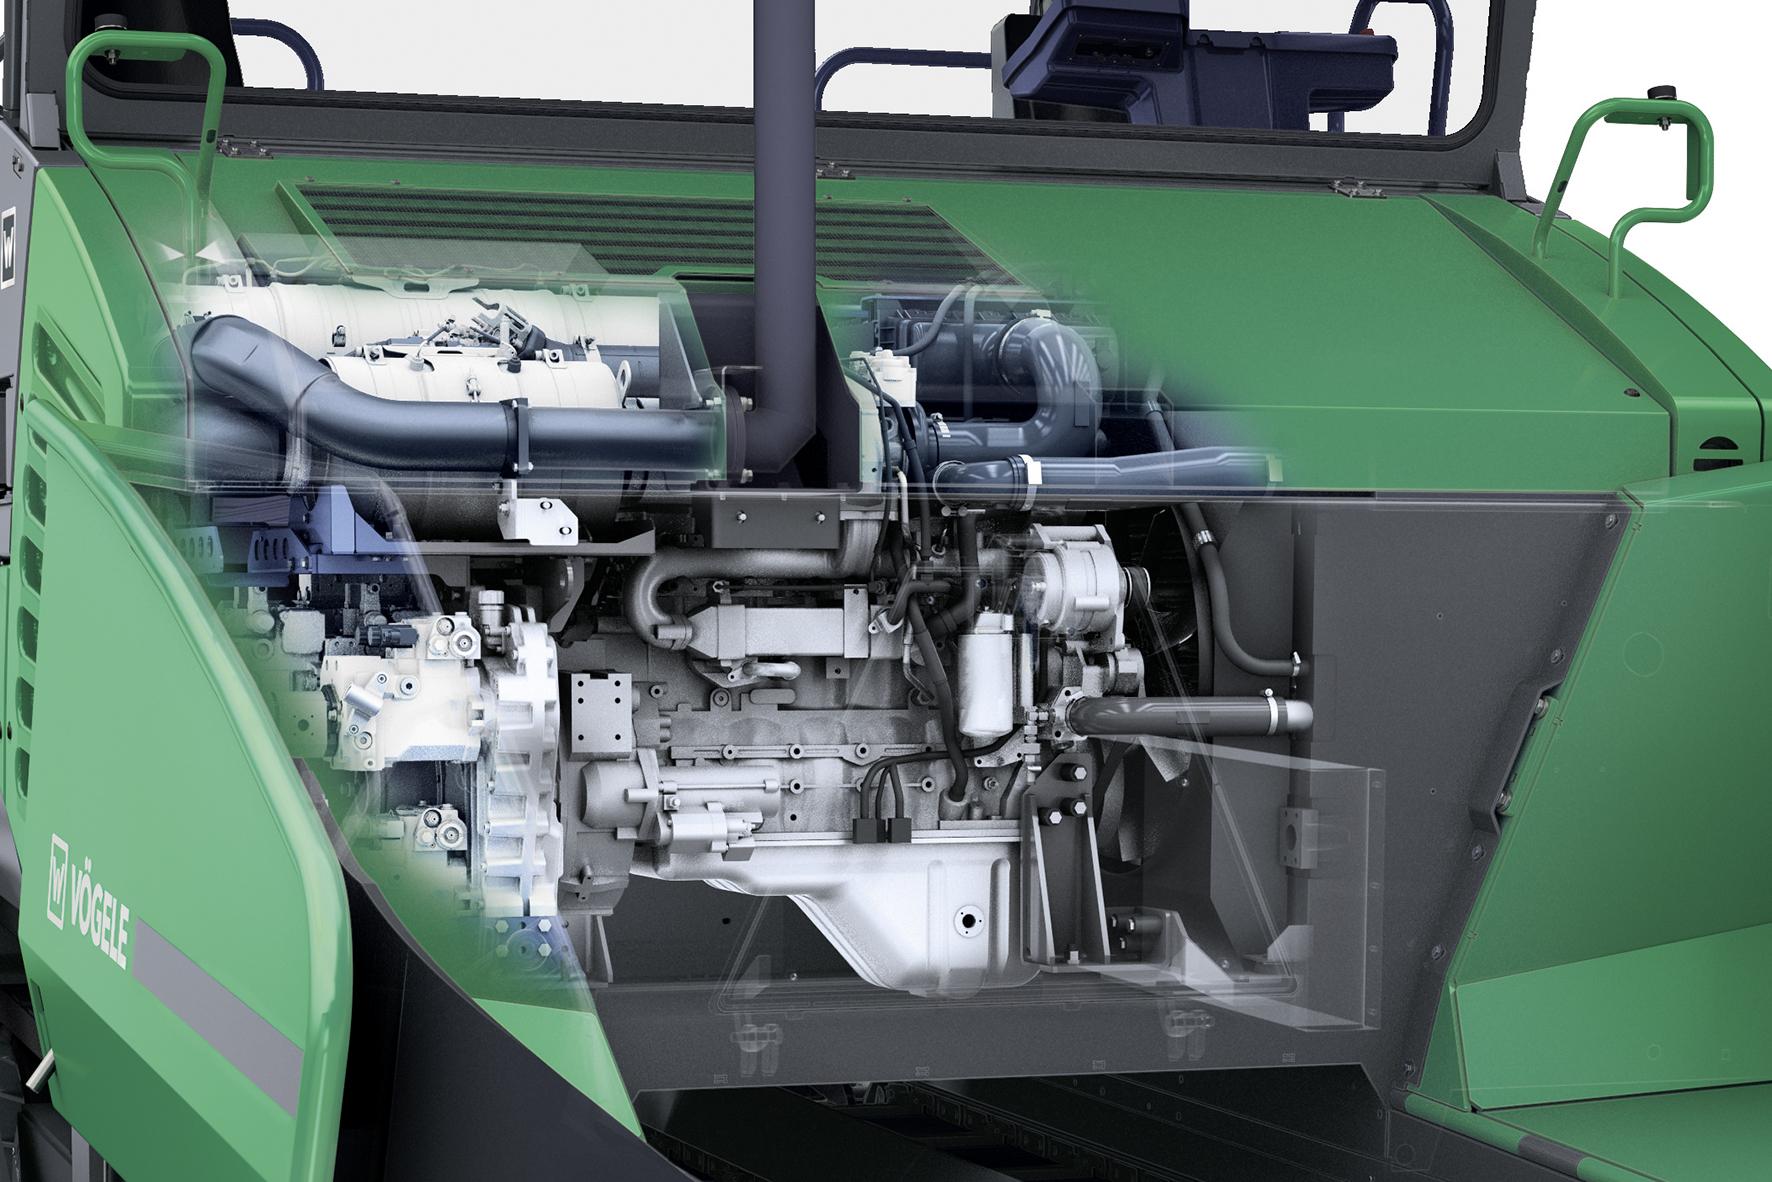 Die treibende Kraft hinter den beiden VÖGELE Highway Class Fertigern ist ein leistungsstarker Cummins Sechszylinder-Dieselmotor mit 186 kW (250 hp). Ein intelligentes Motormanagement mit ECO-Stufe sorgt für einen geringen Kraftstoffverbrauch und einen geräuscharmen Betrieb.